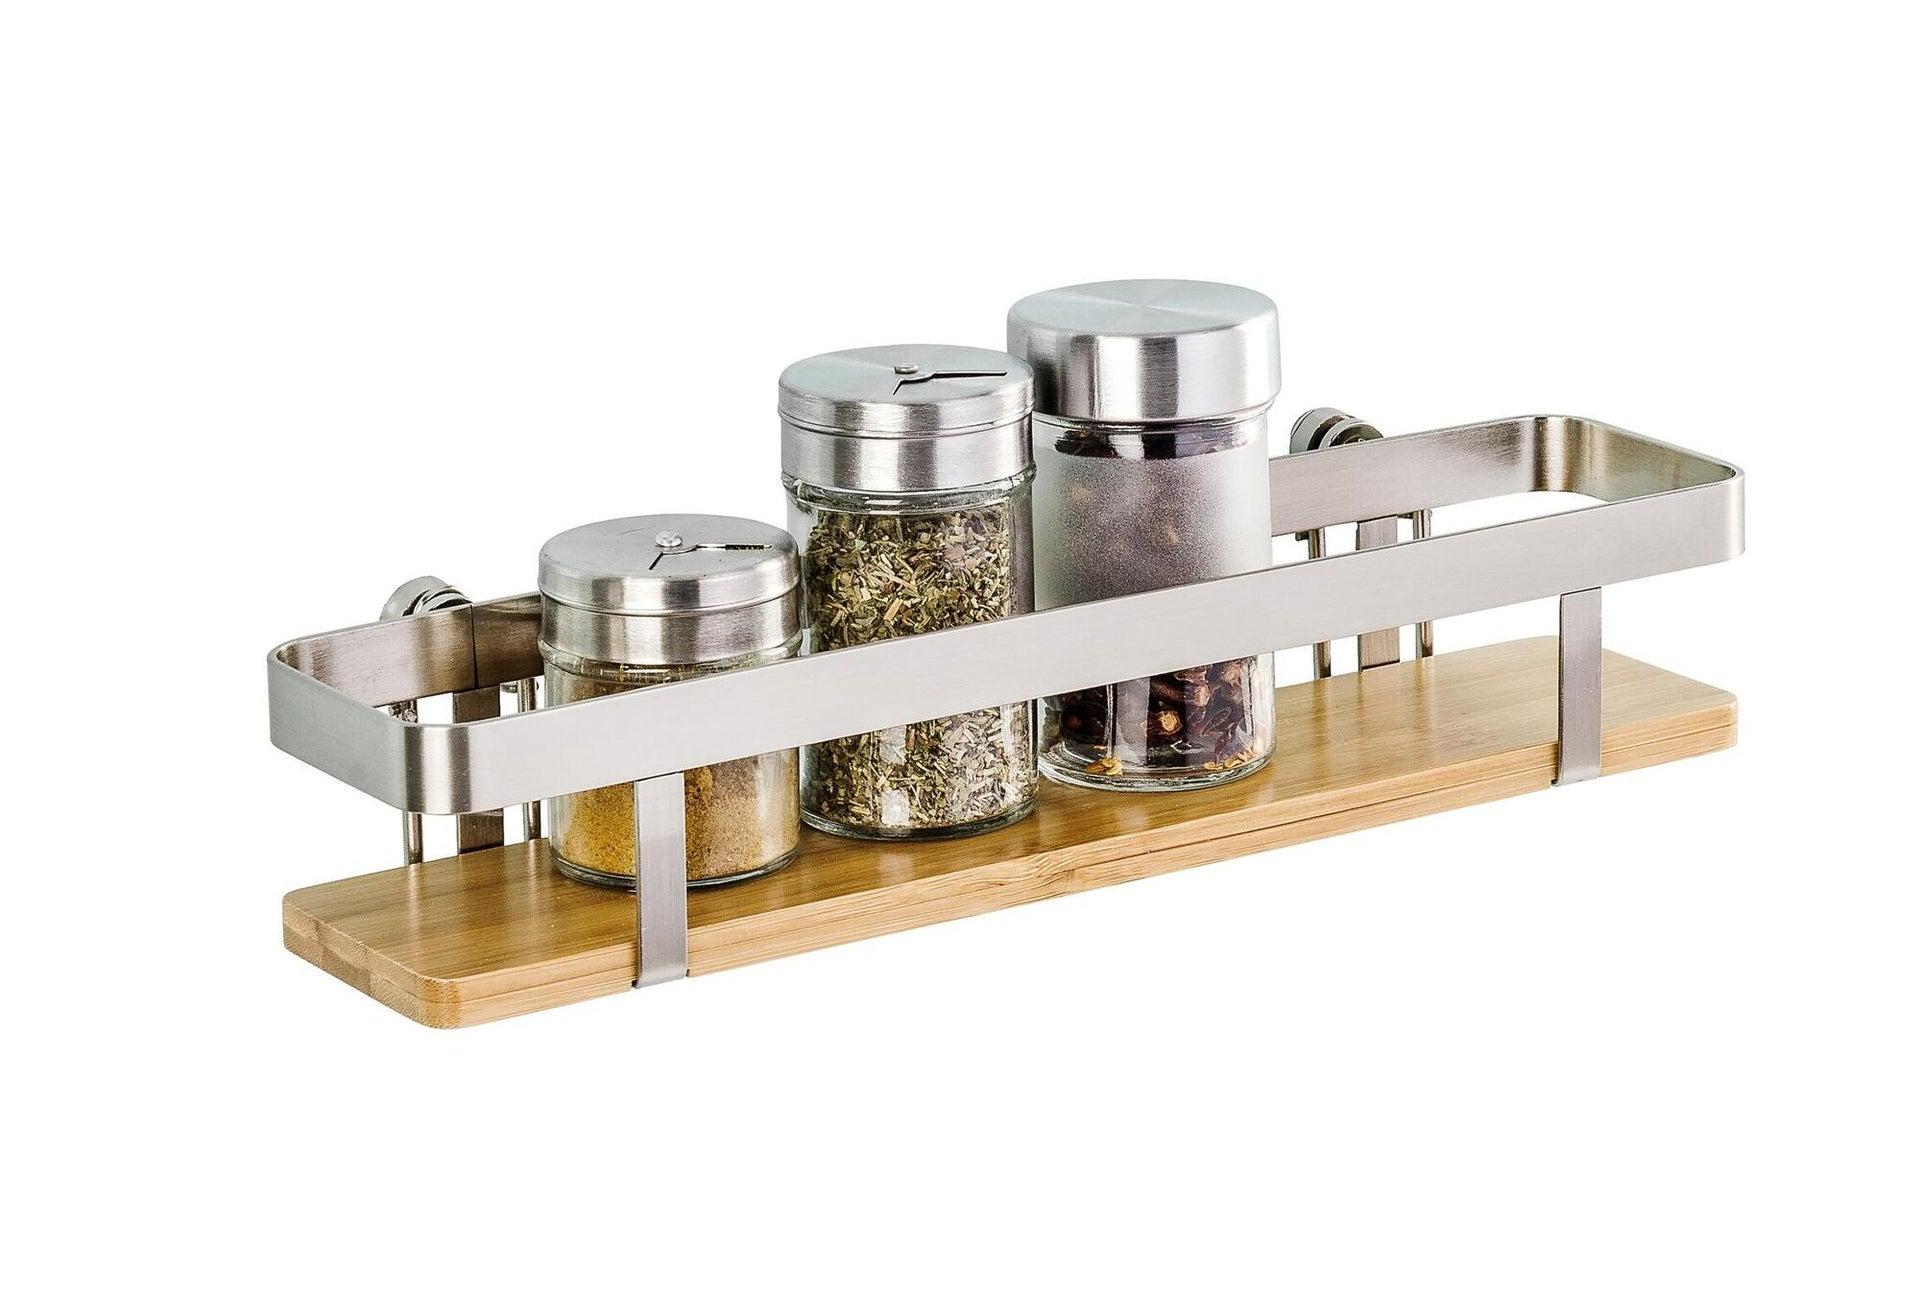 Ripiano per le spezie adesivo argento e marrone P 70 cm x L 300 x H 55 mm - 4